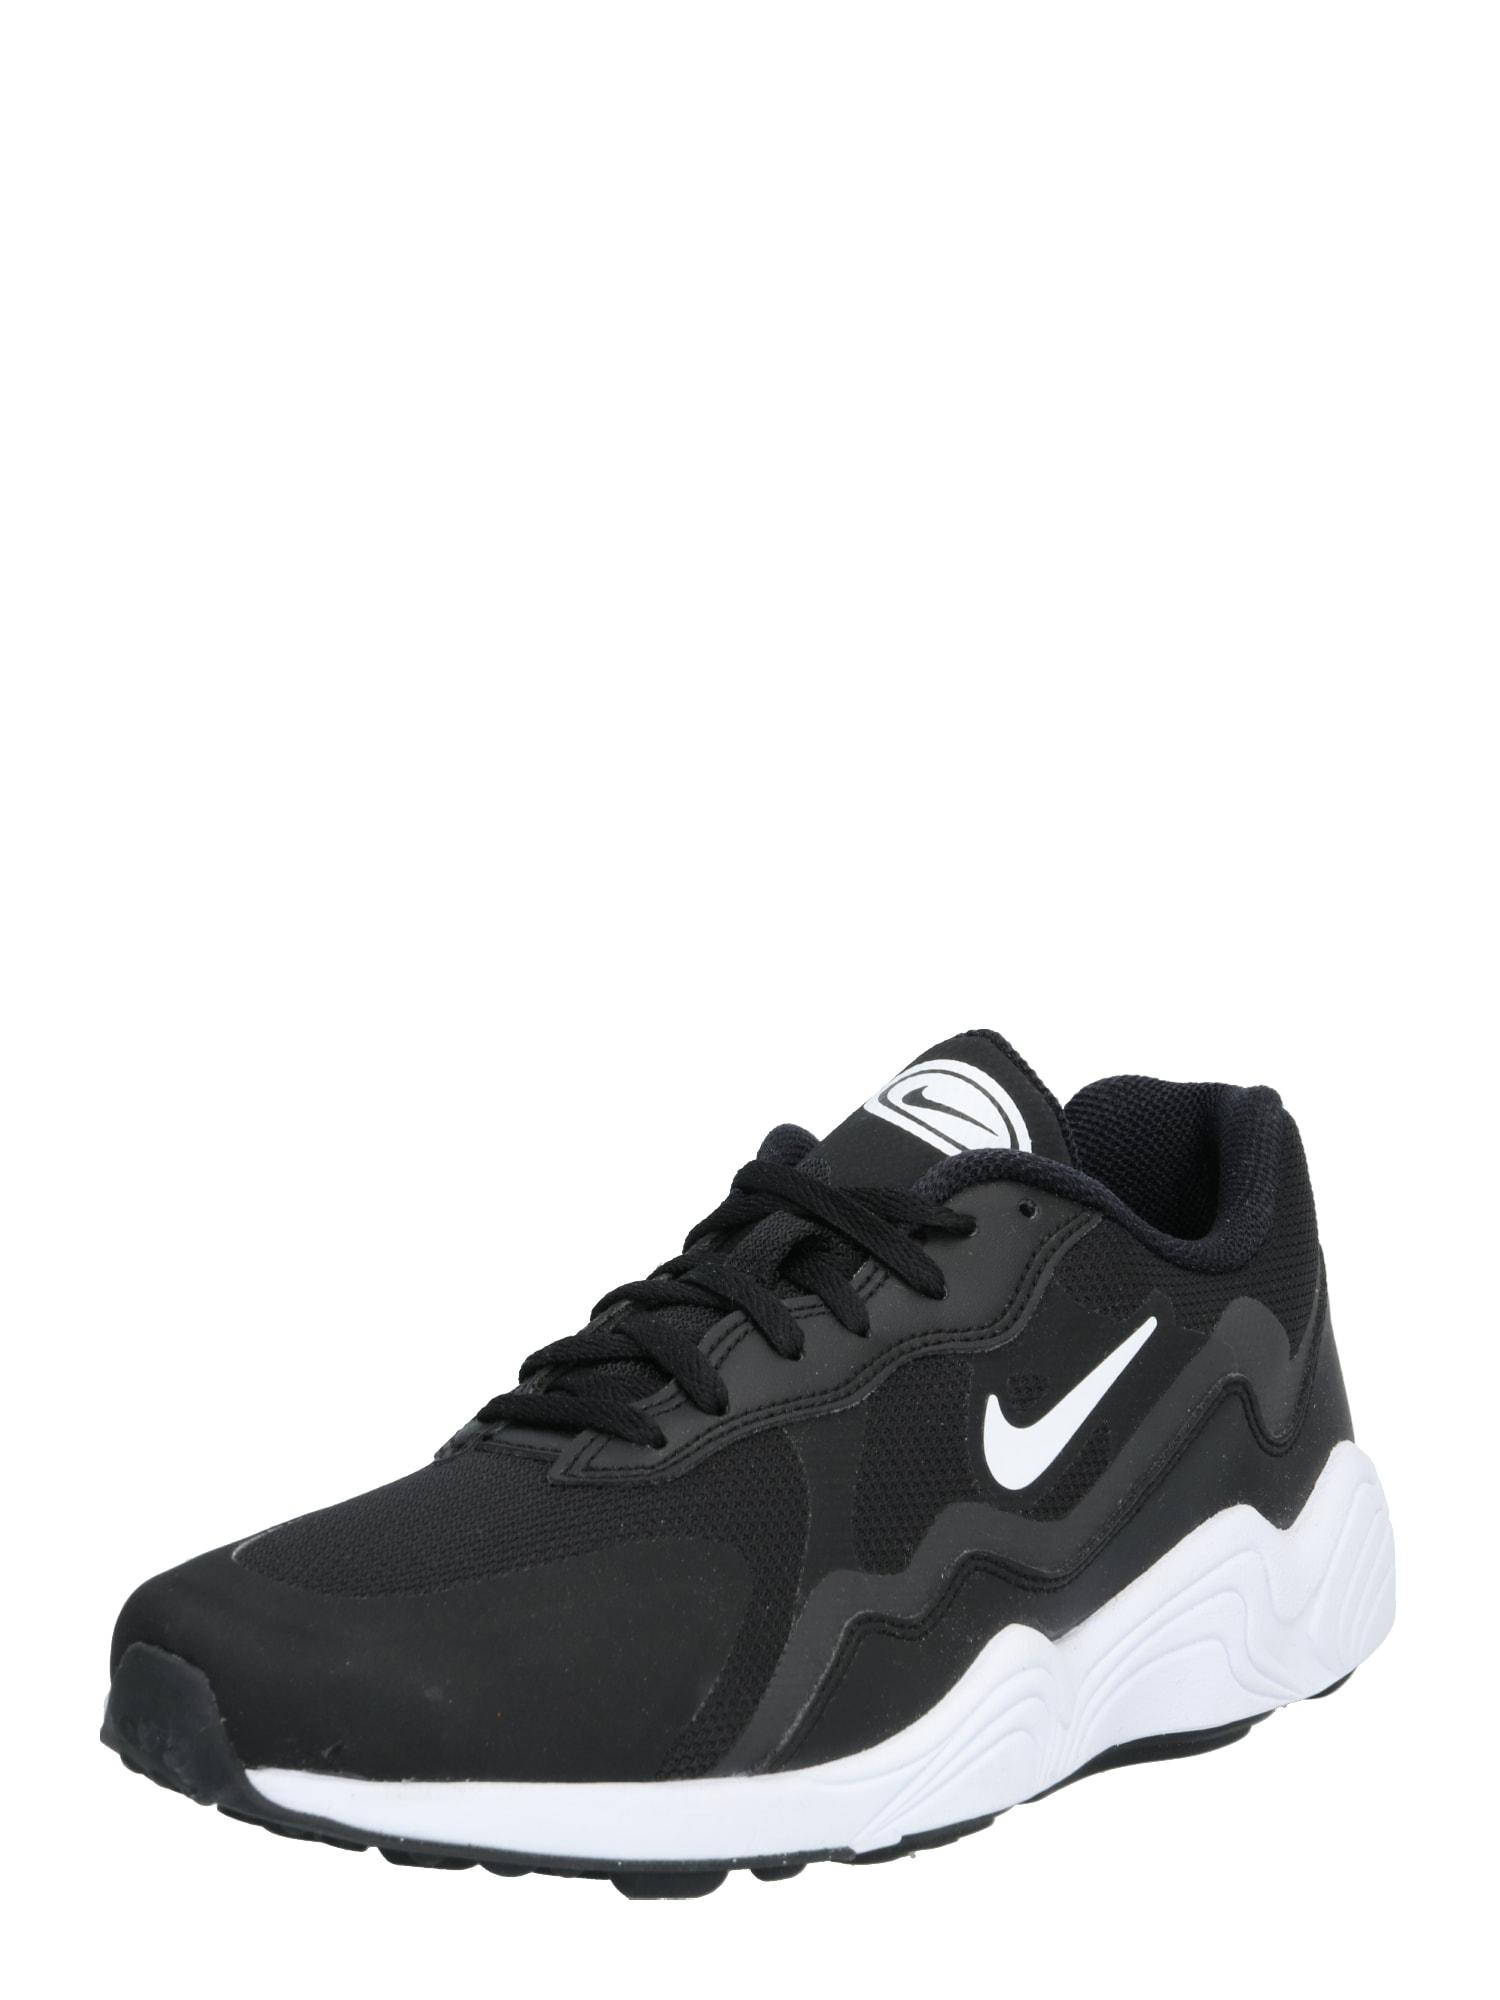 NIKE Sportiniai batai 'ALPHA LITE' juoda / balta